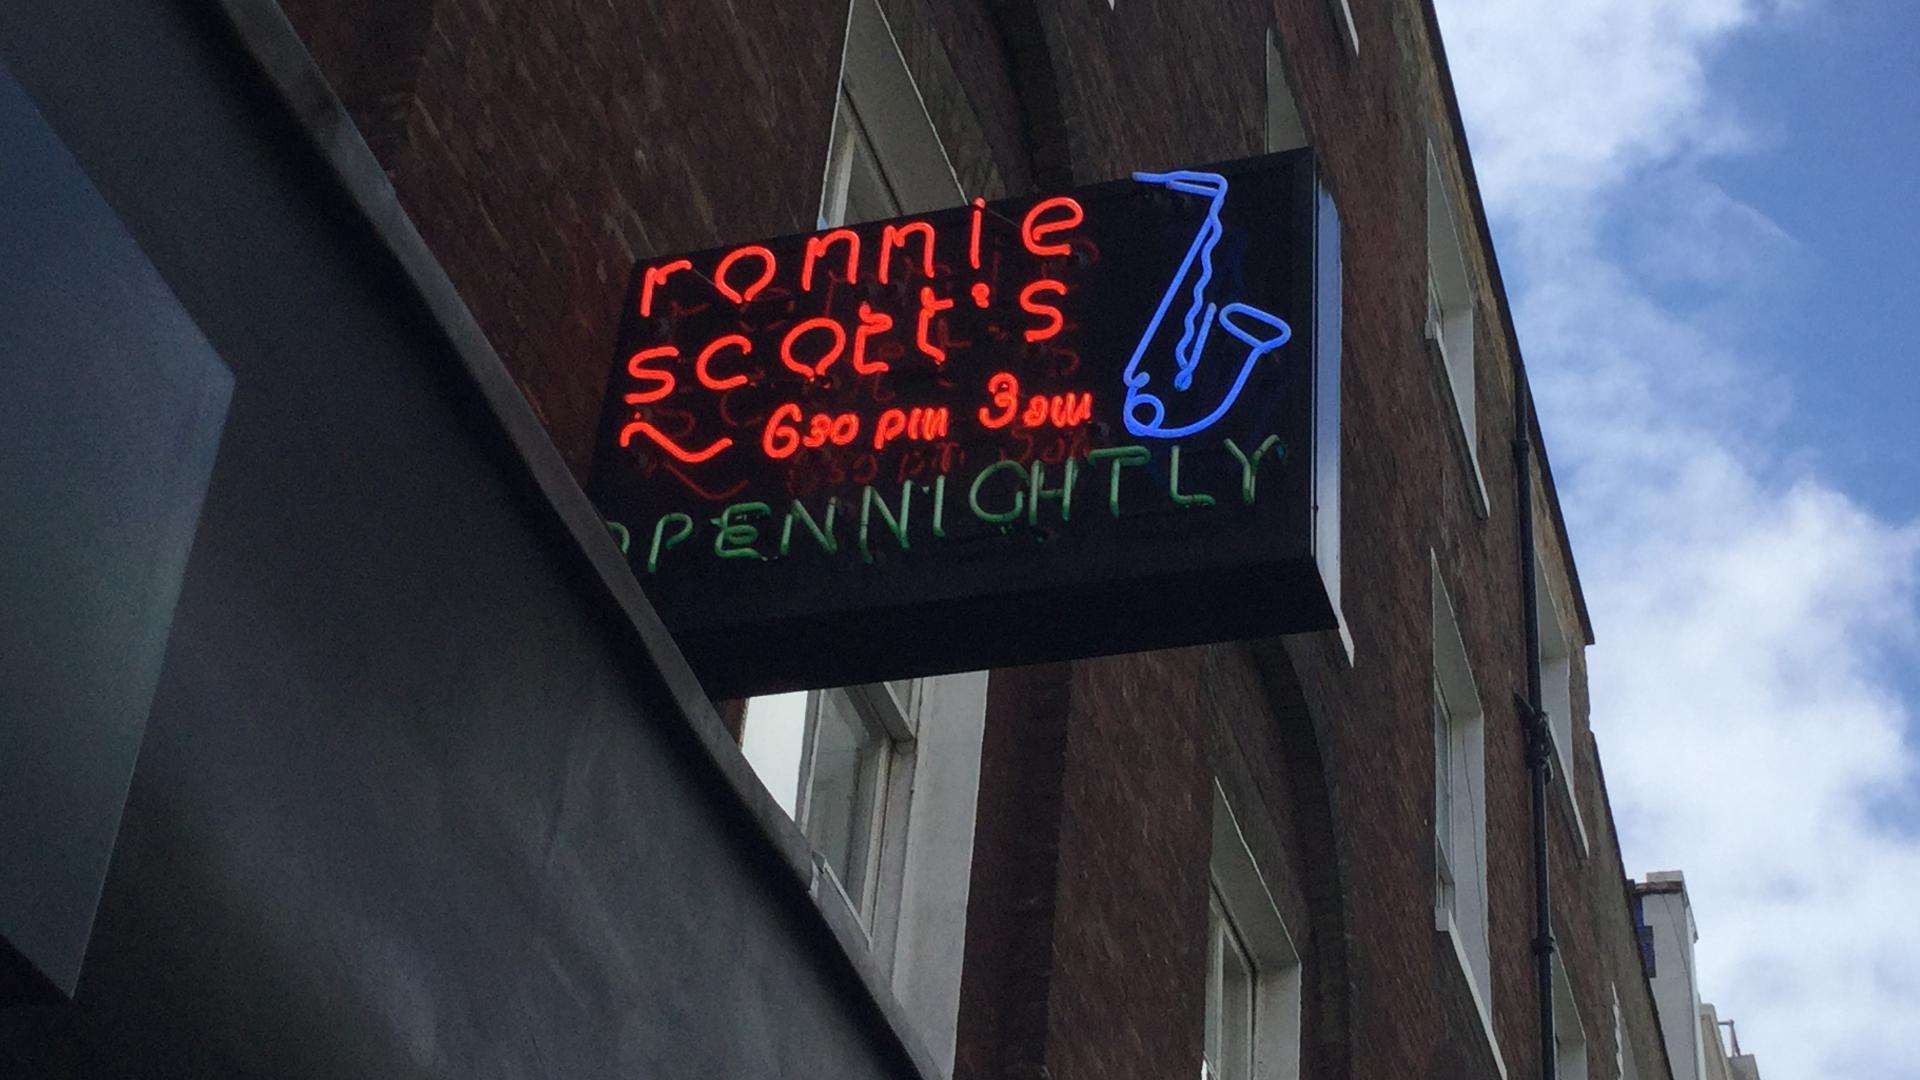 """Seit 1965 ist """"Ronnie Scott's Jazz Club"""" in der Frith Street 47 beheimatet."""